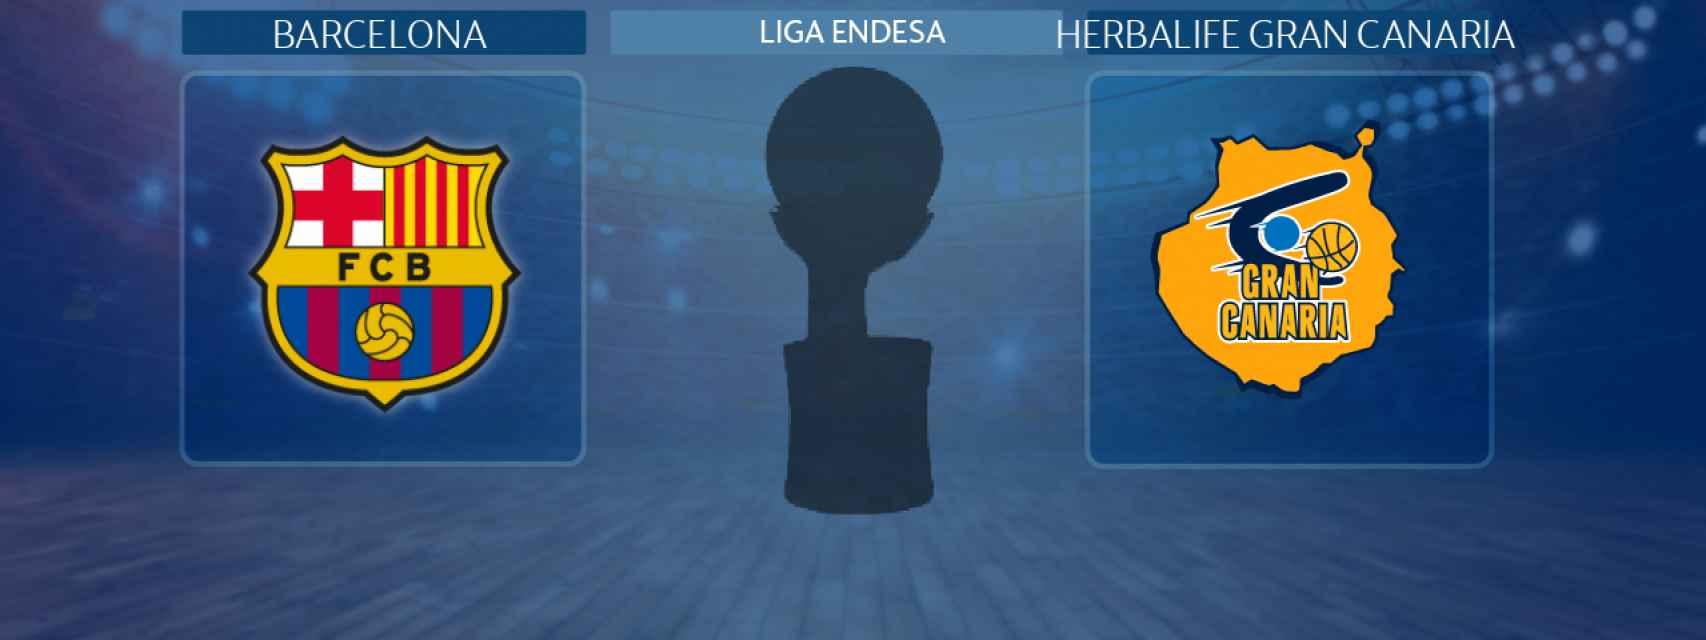 Barcelona - Herbalife Gran Canaria, partido de la Liga Endesa